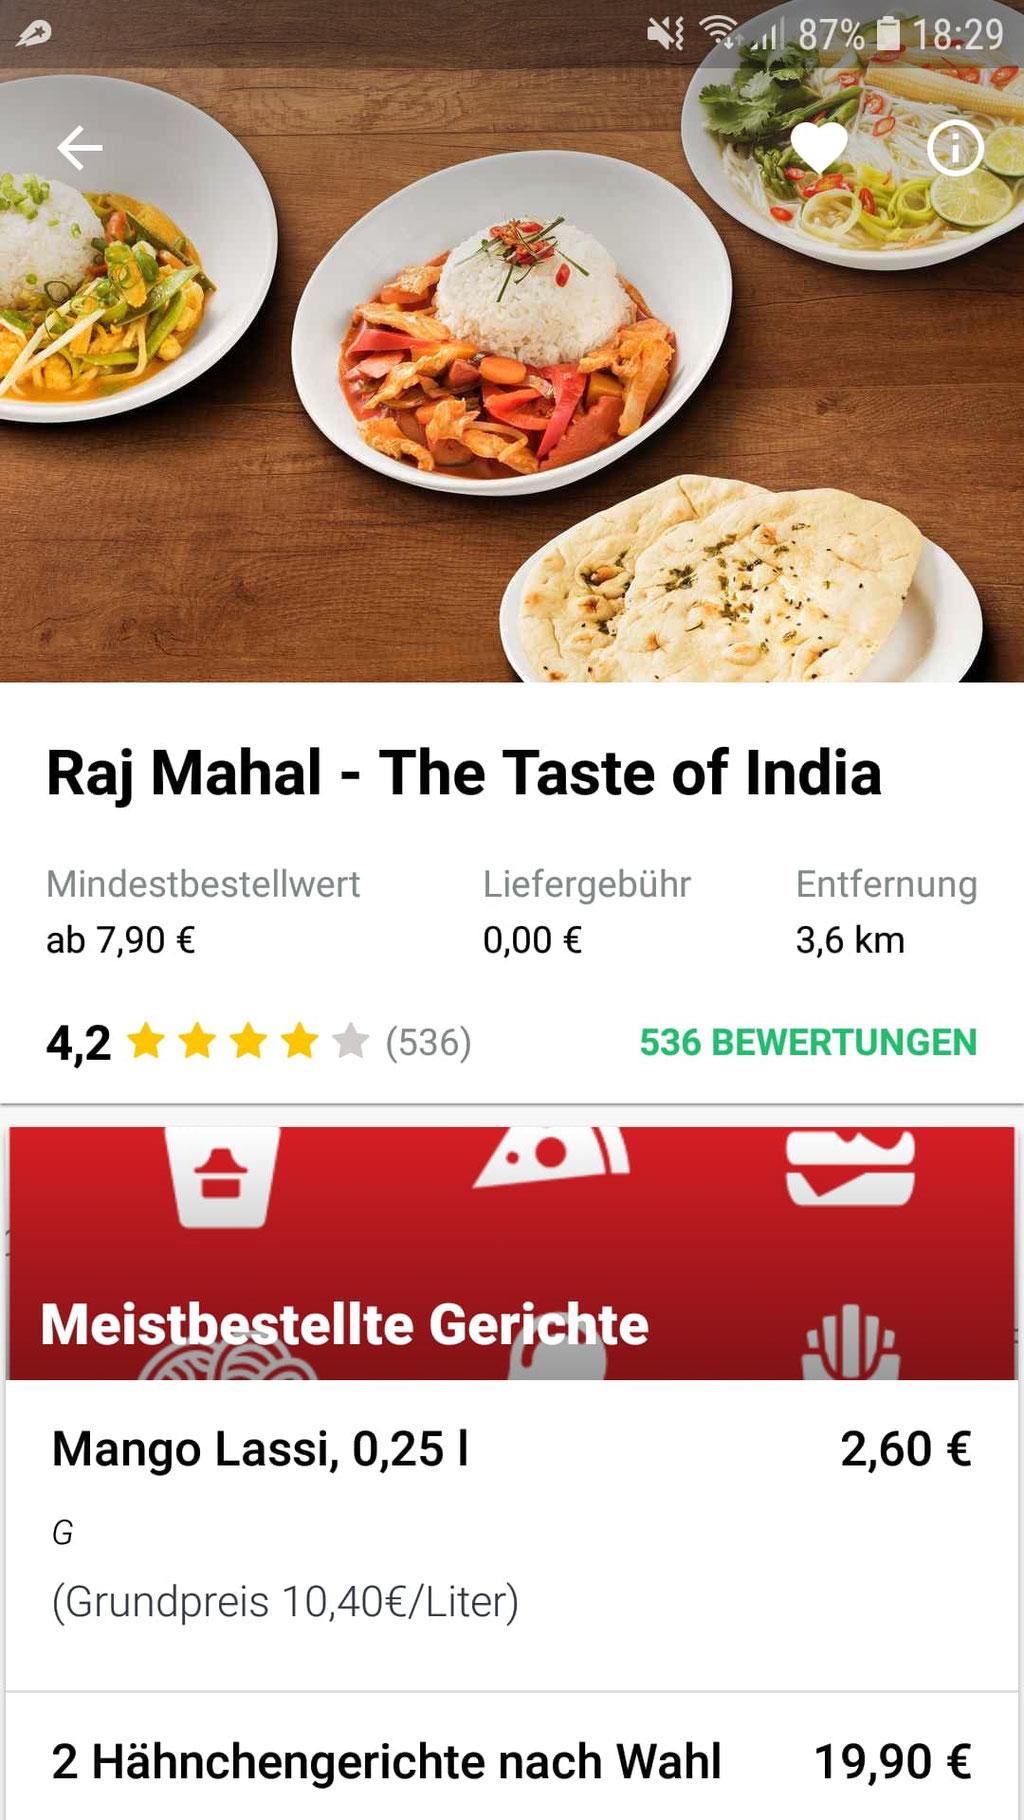 Im Restaurant-Überblick sieht man die wichtigsten Daten zu Bewertung, Mindestbestellwert und der Entfernung zum Wohnort.